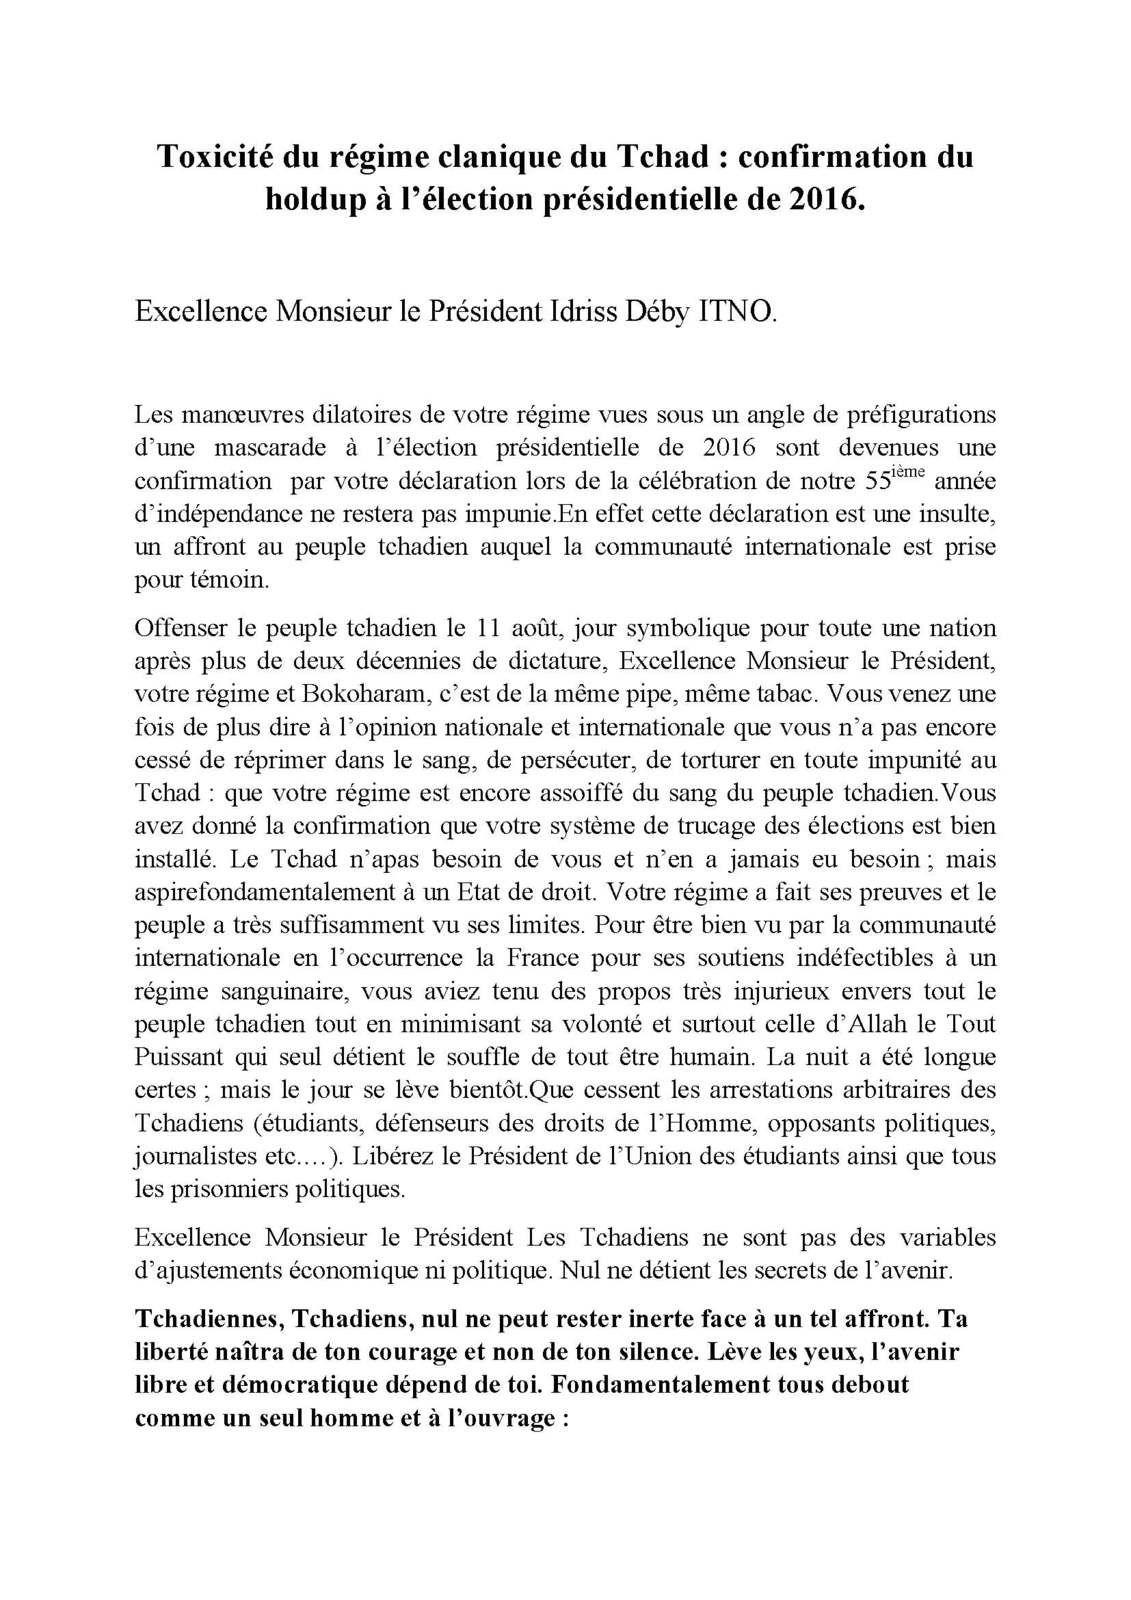 Toxicité du régime clanique du Tchad : confirmation du holdup à l'élection présidentielle de 2016